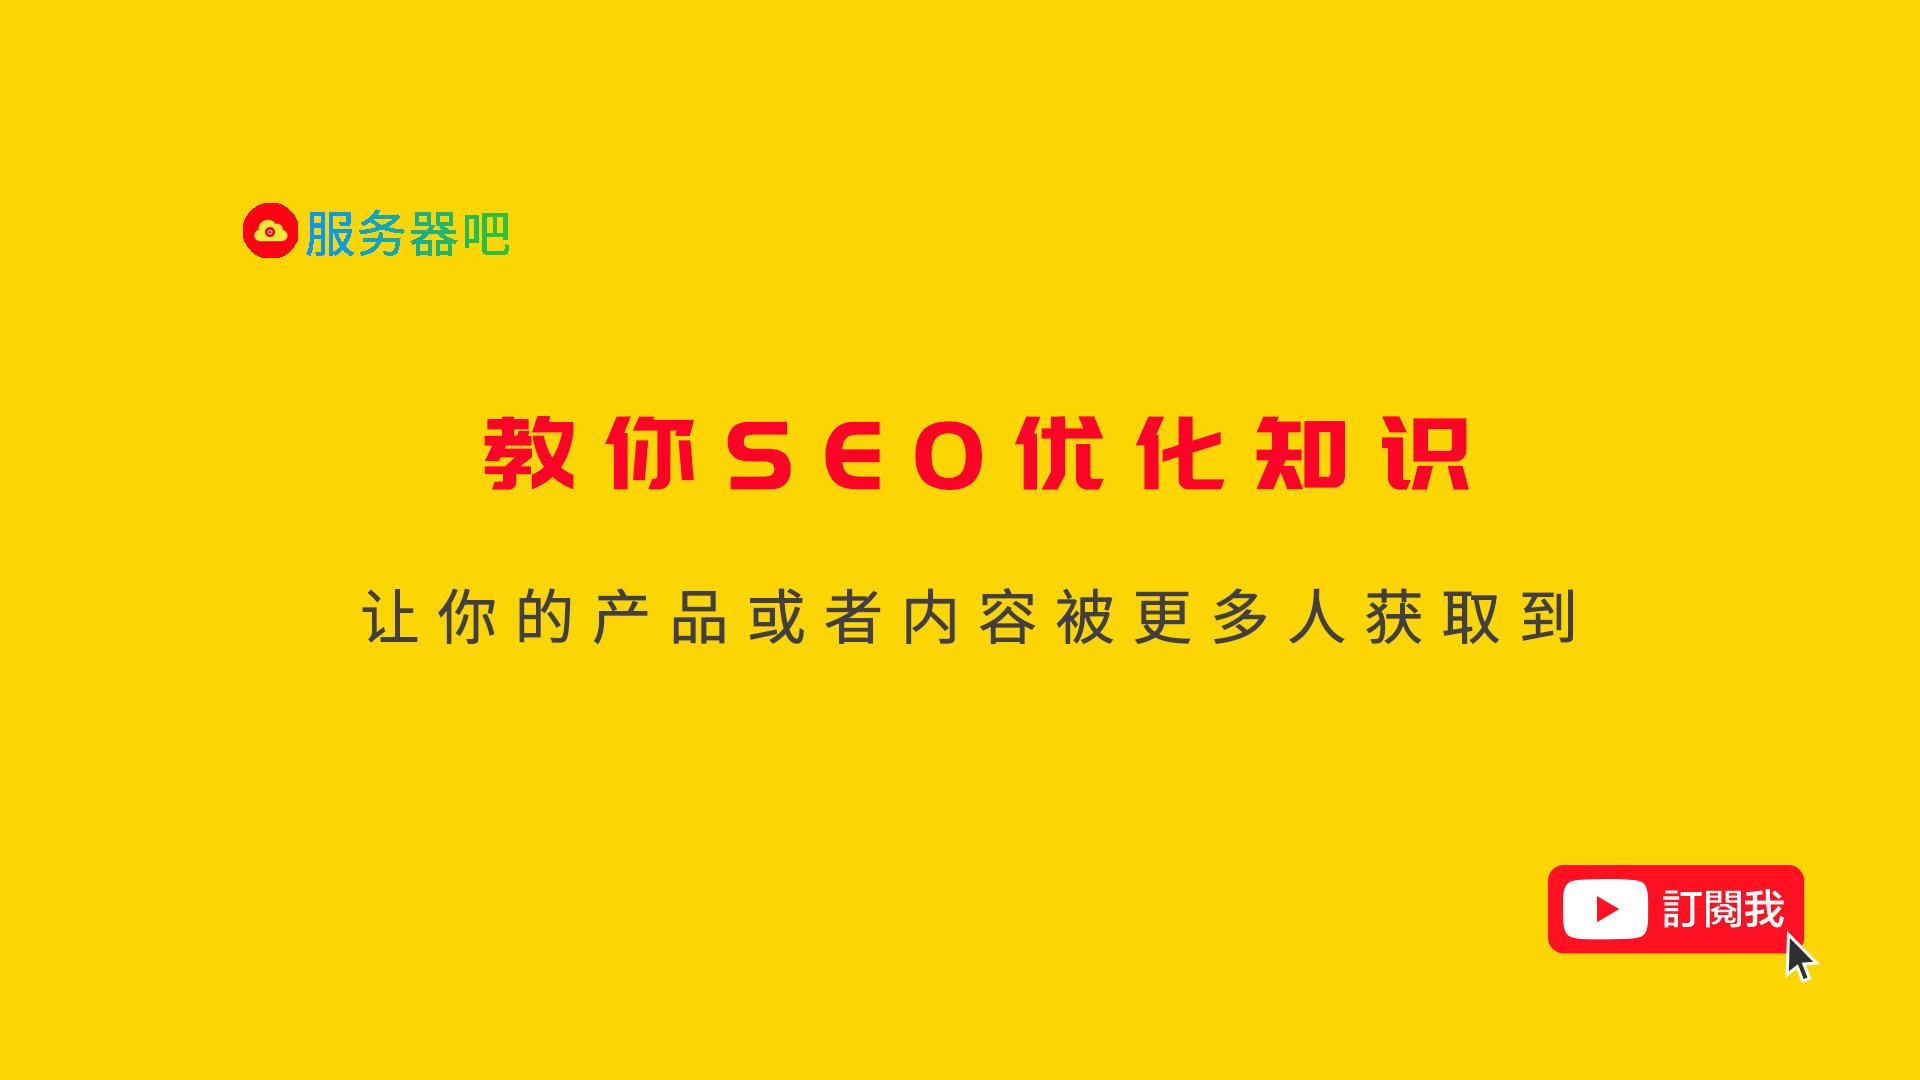 SEO优化系列视频图文教程第一讲:什么是SEO优化